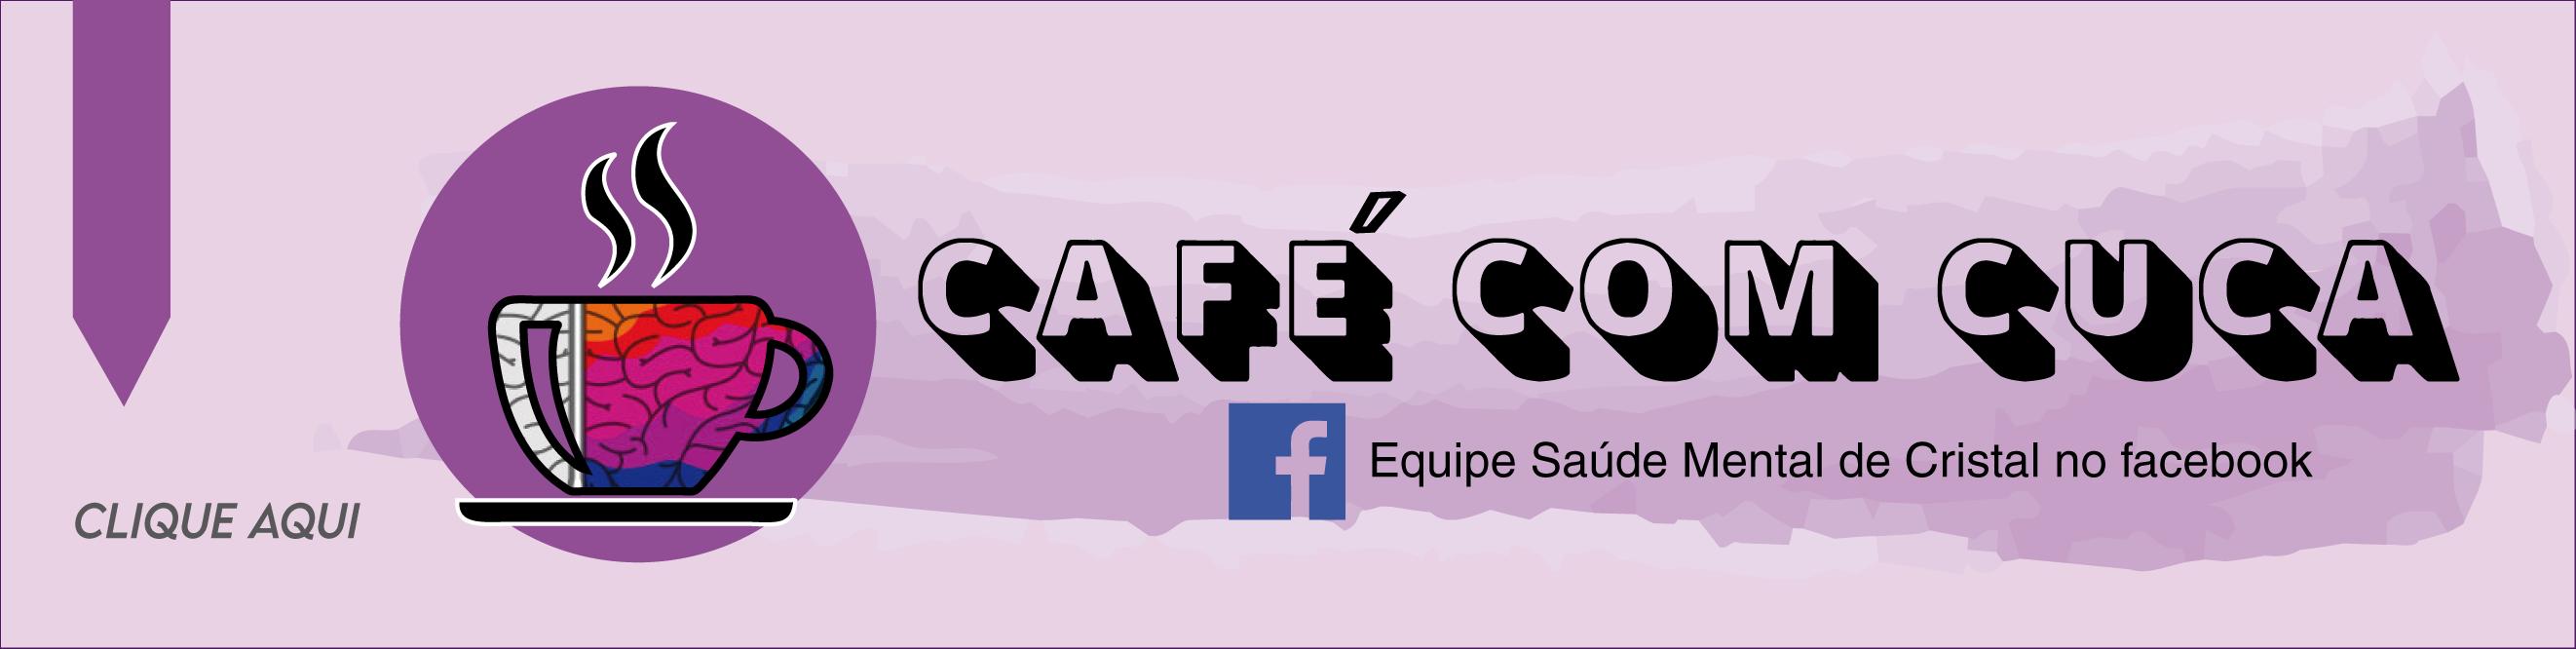 Cafe com Cuca